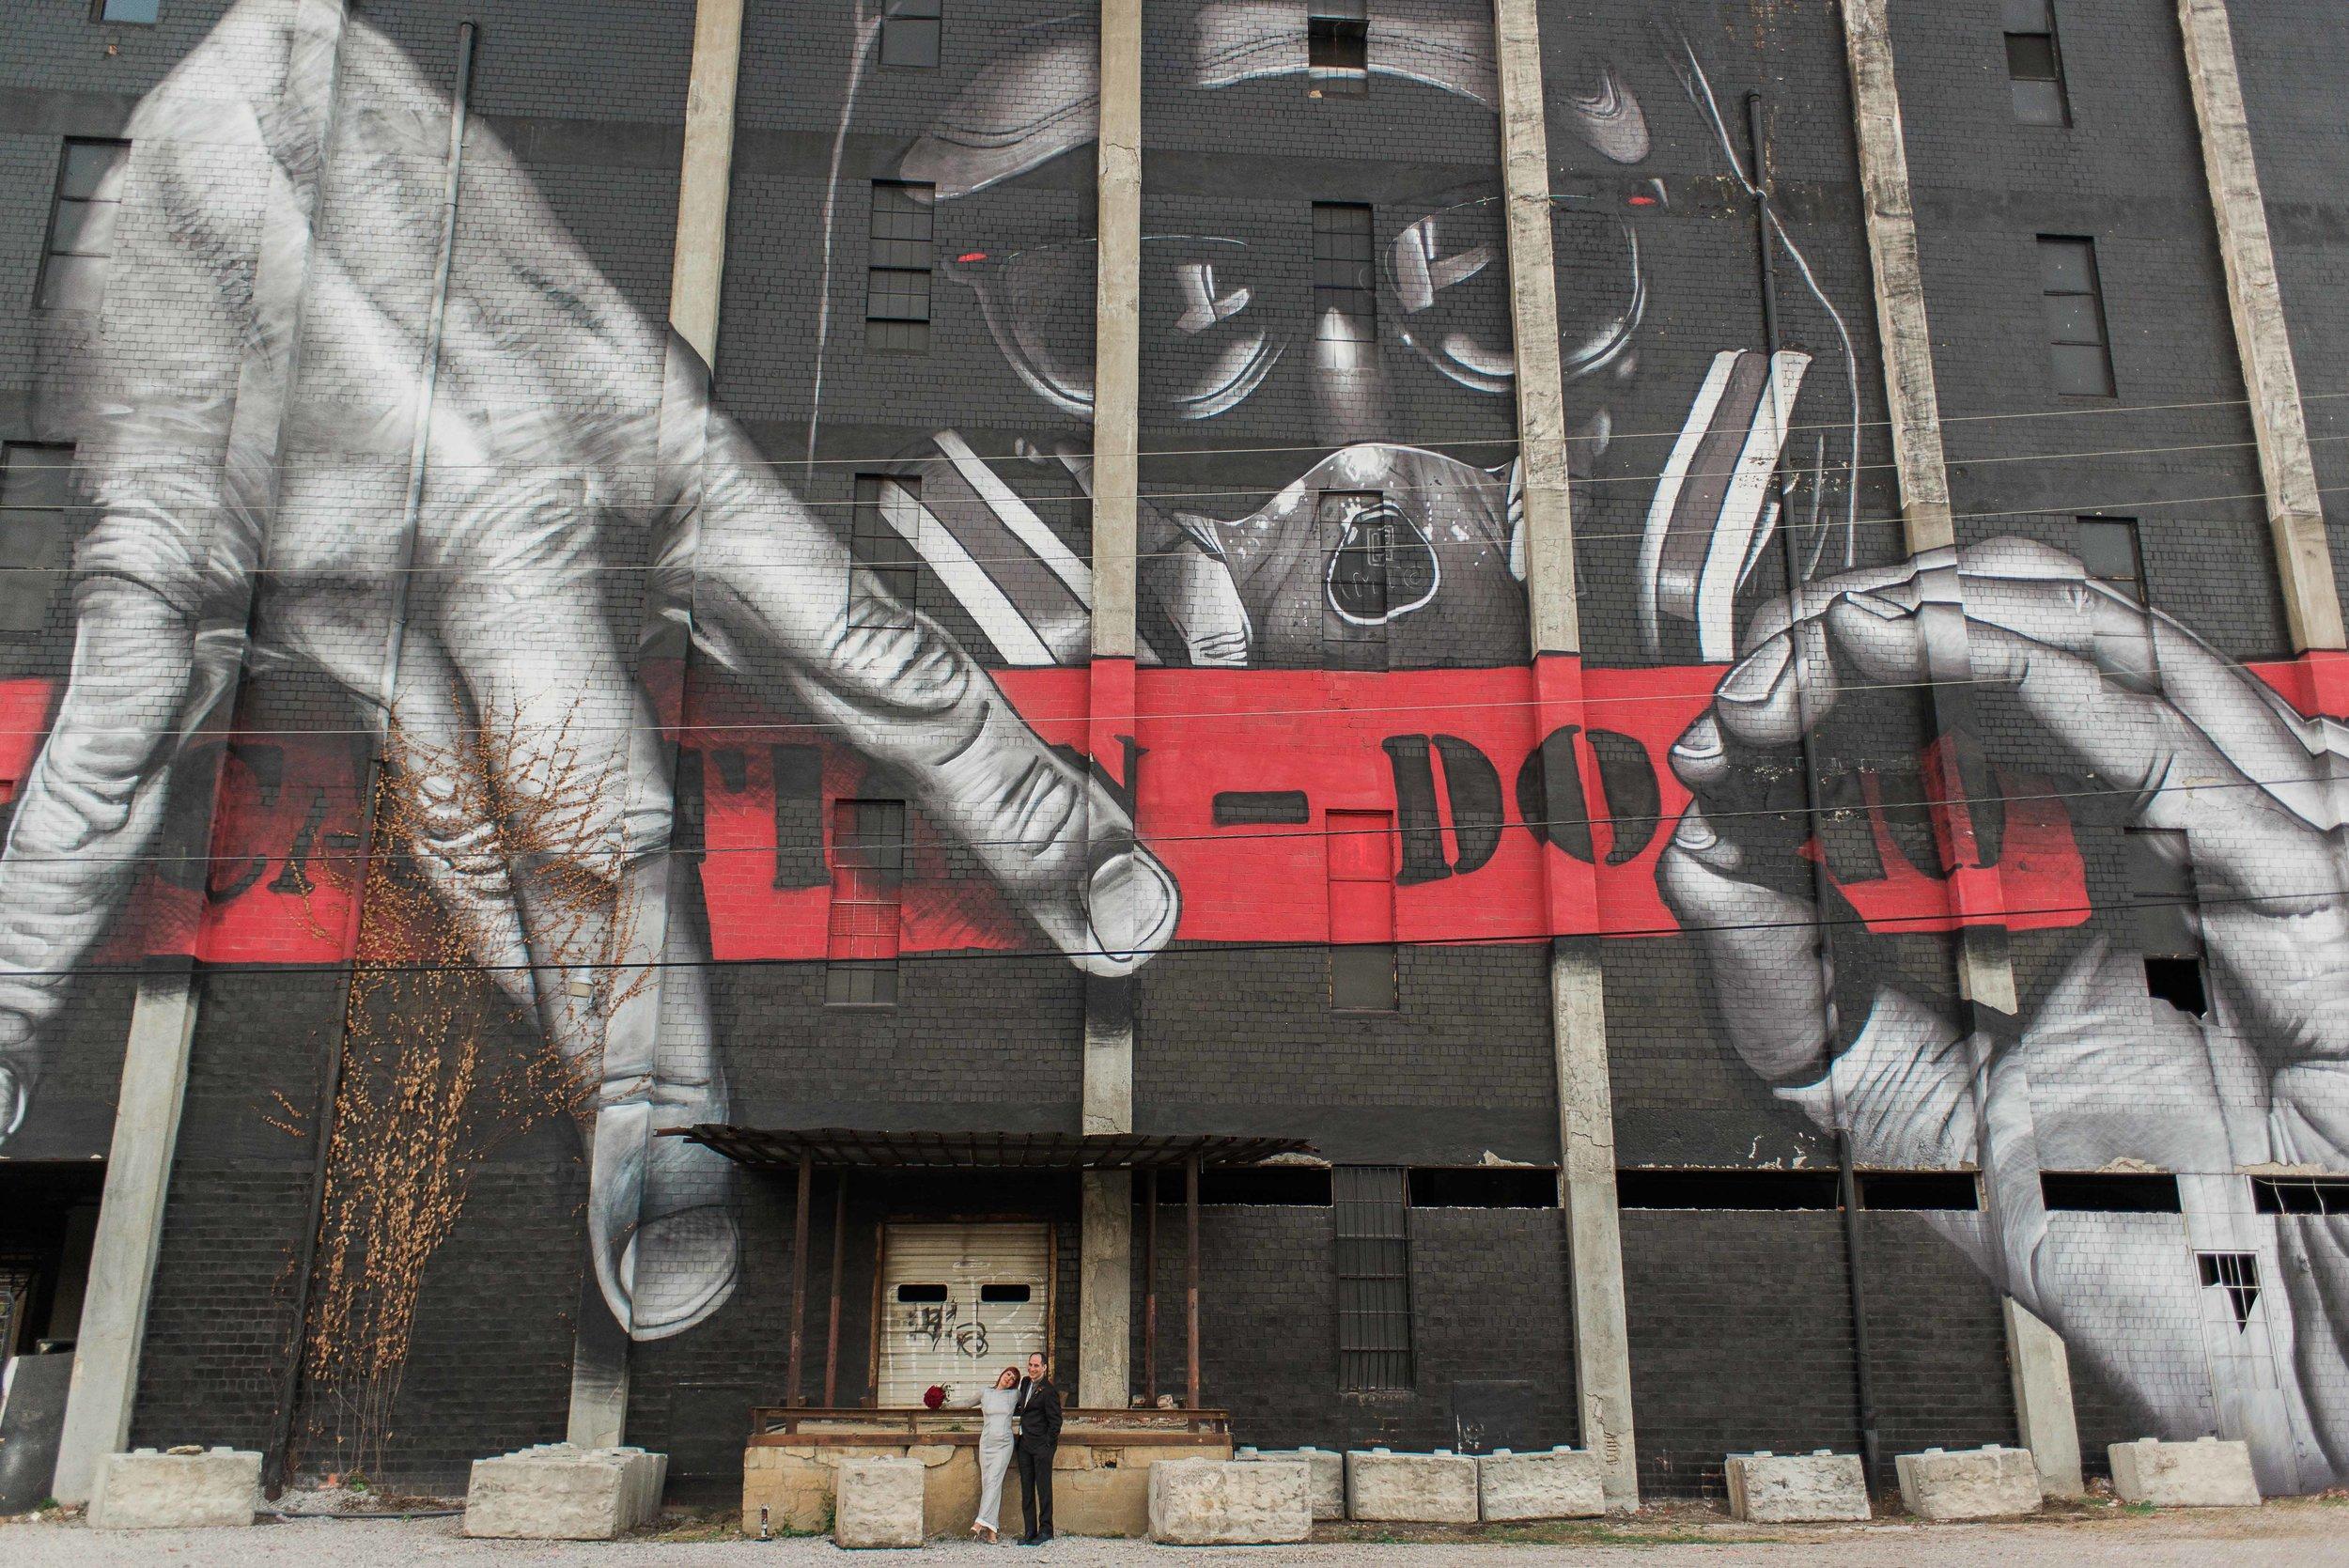 Manchester Street, Lexington, KY murals